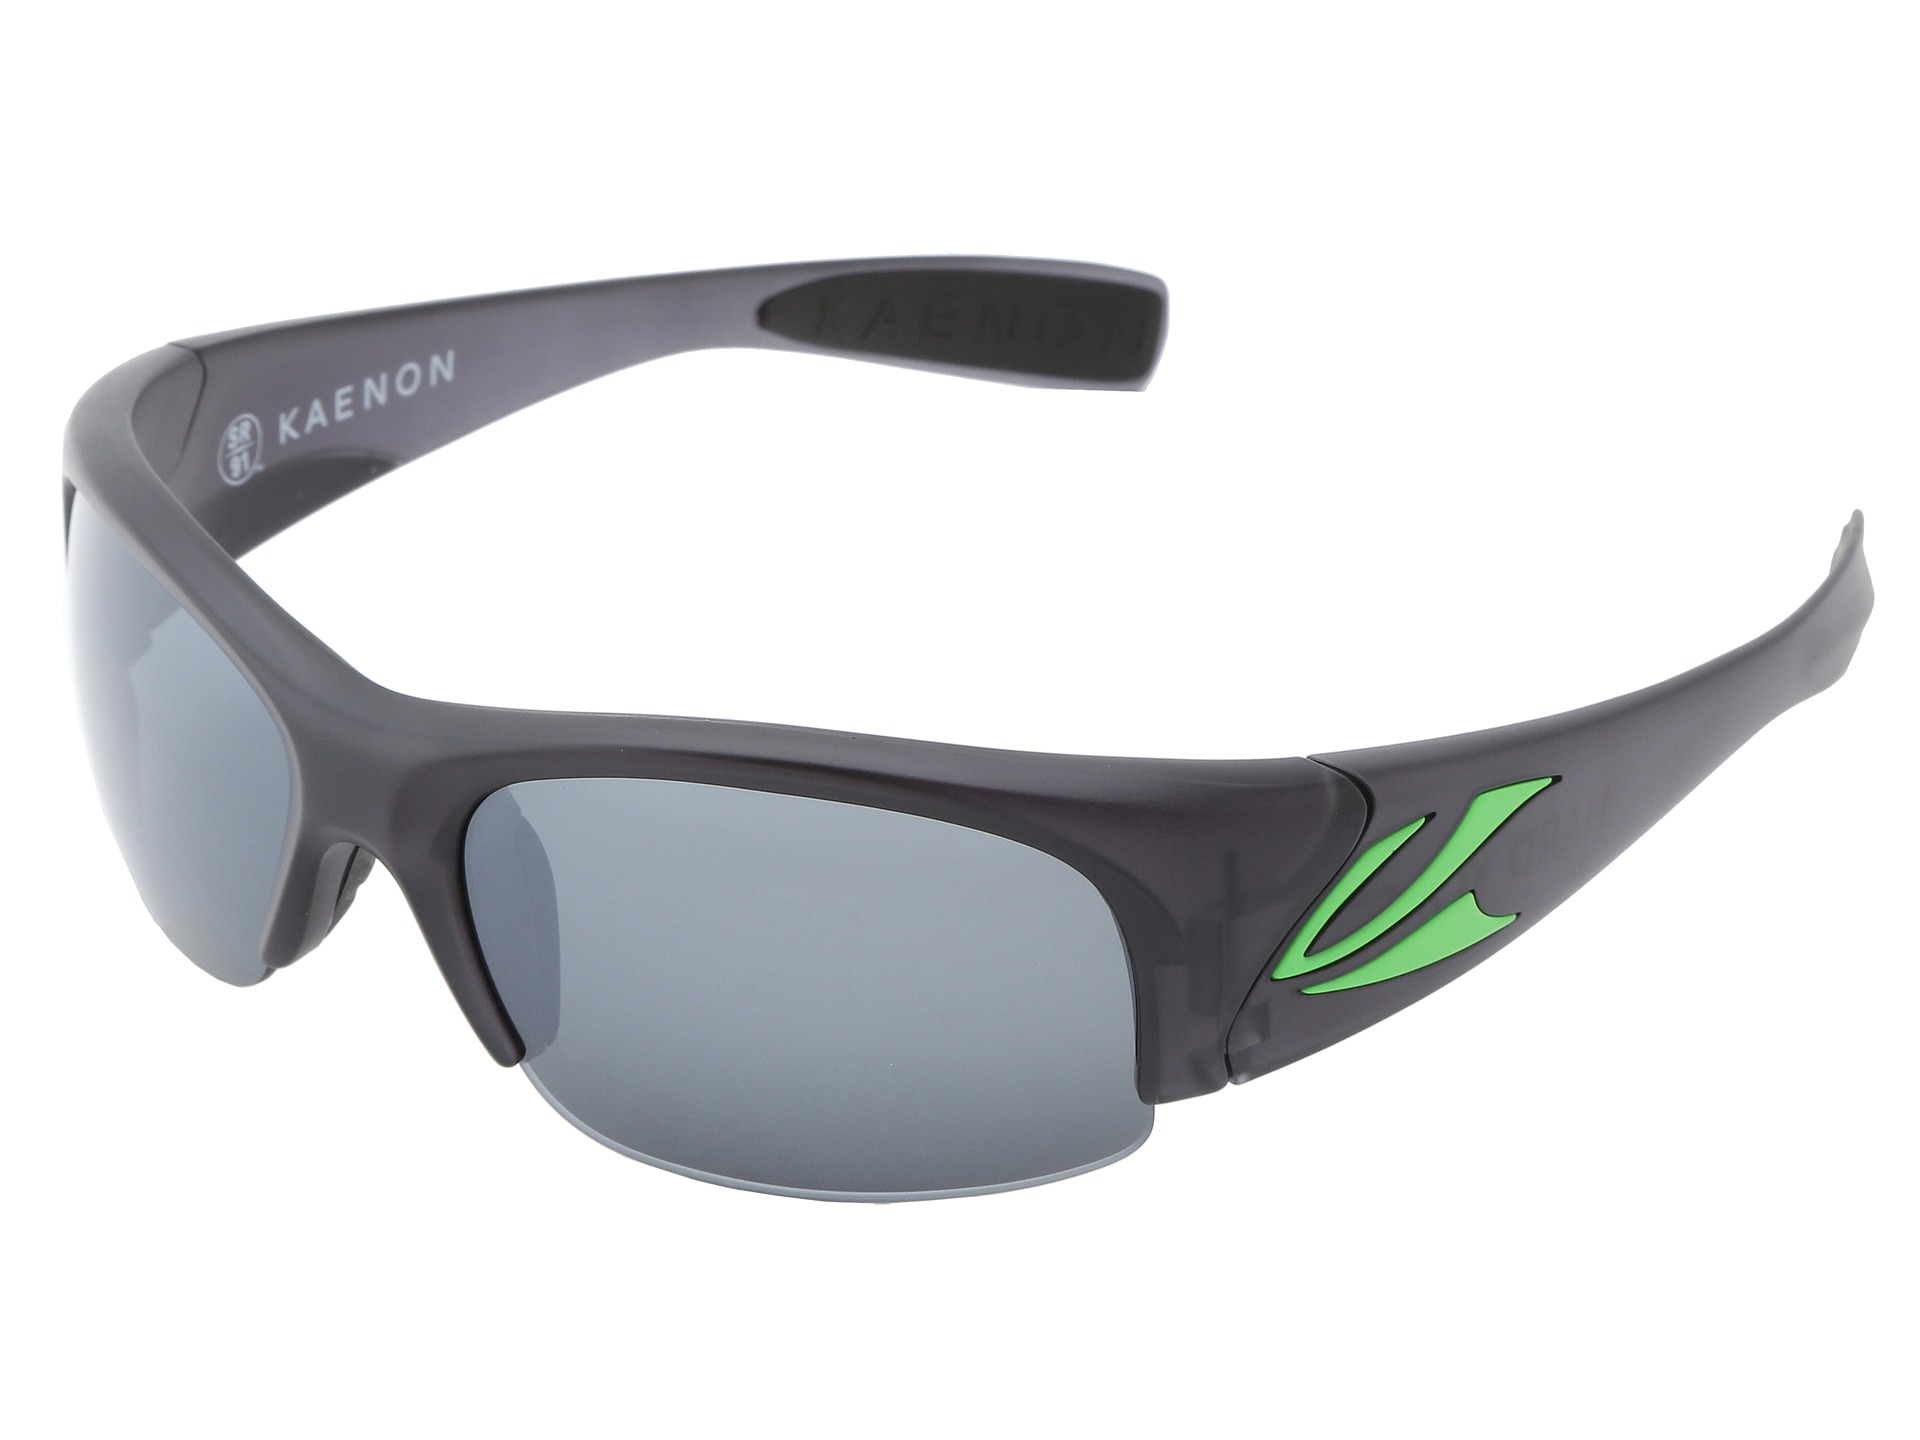 7d6bedf100 Kaenon Sr 91 Sunglasses